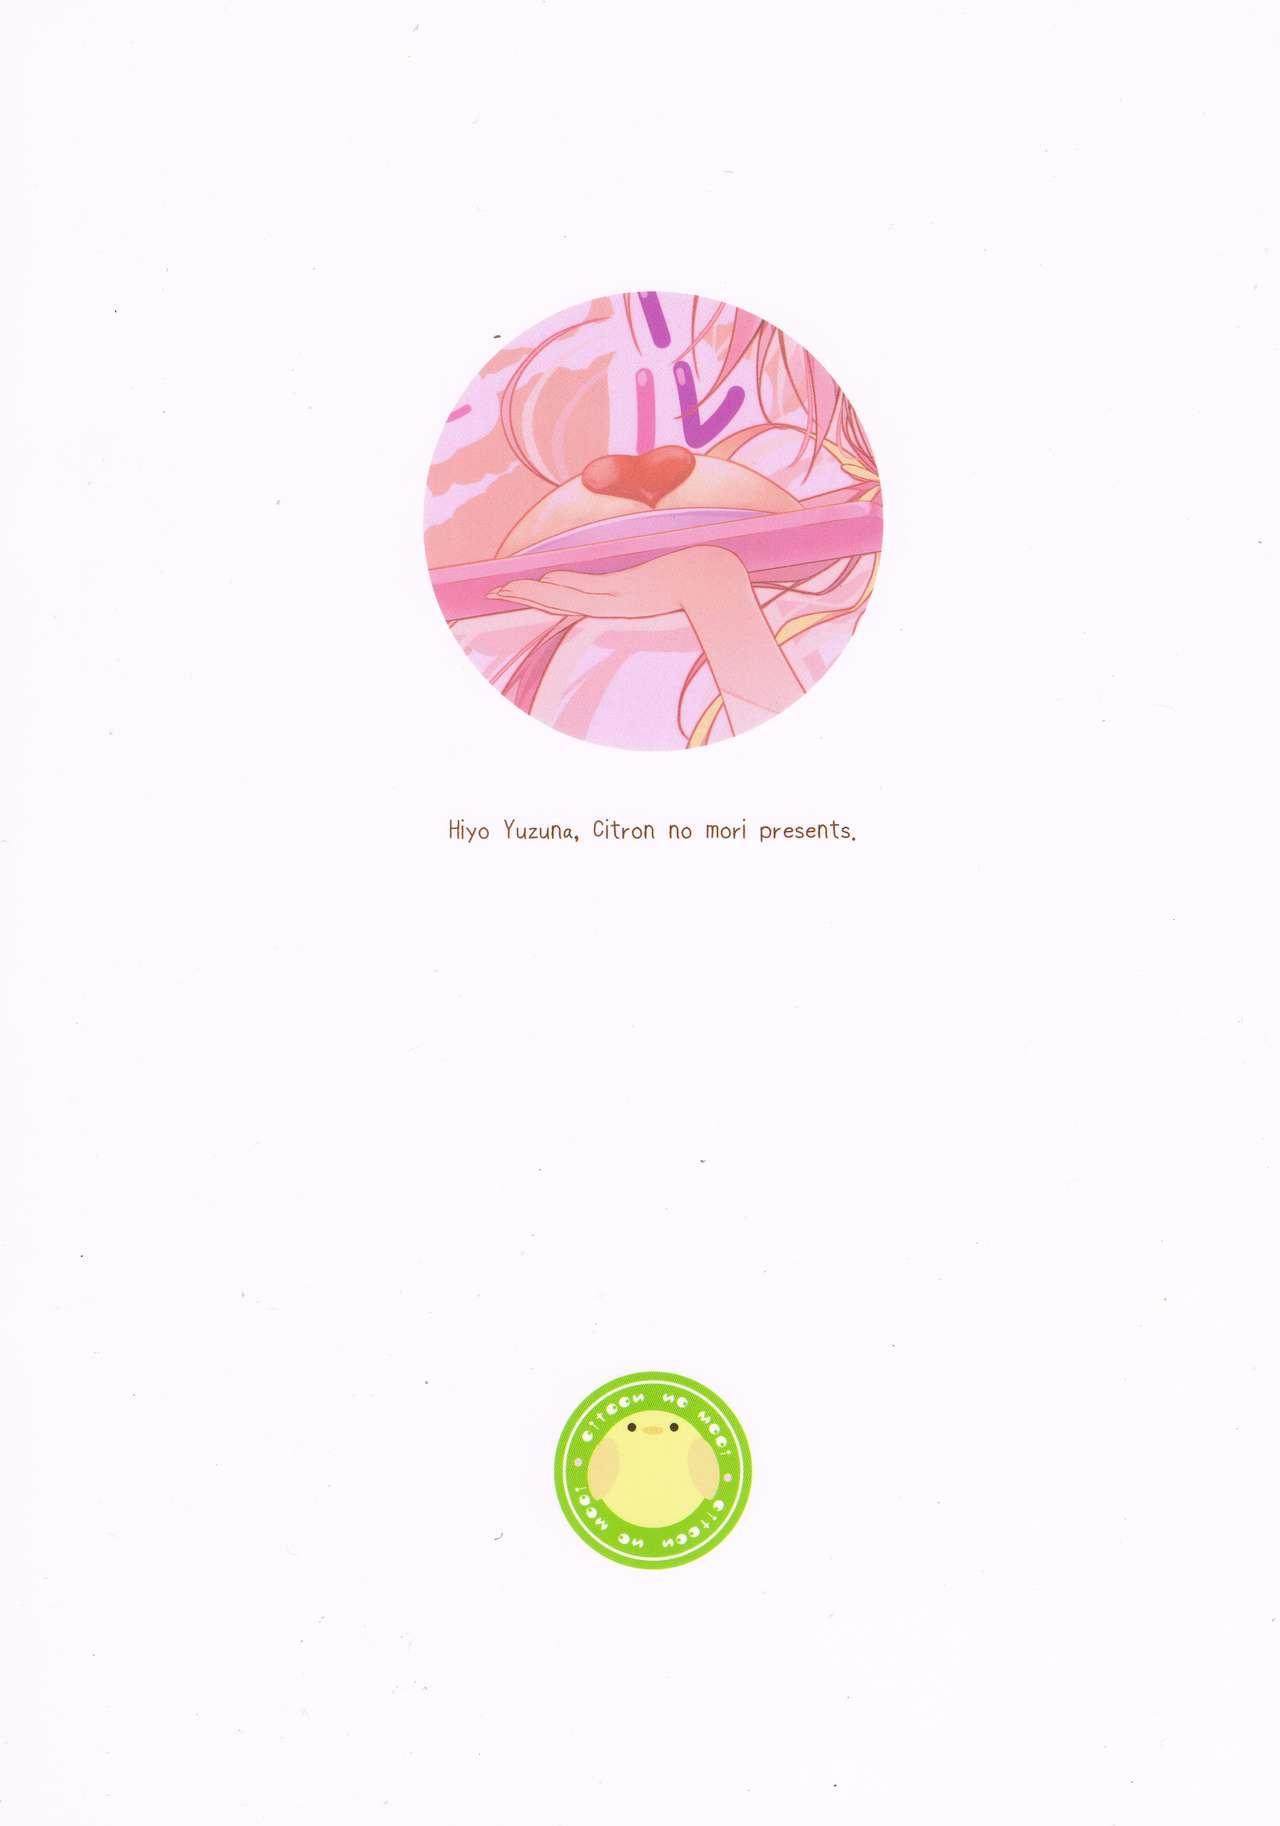 (COMIC1☆11) [Citron no mori (Yuzuna Hiyo)] Danbooru (Ani) wa Imouto Maid ni Koi o Suru! 17